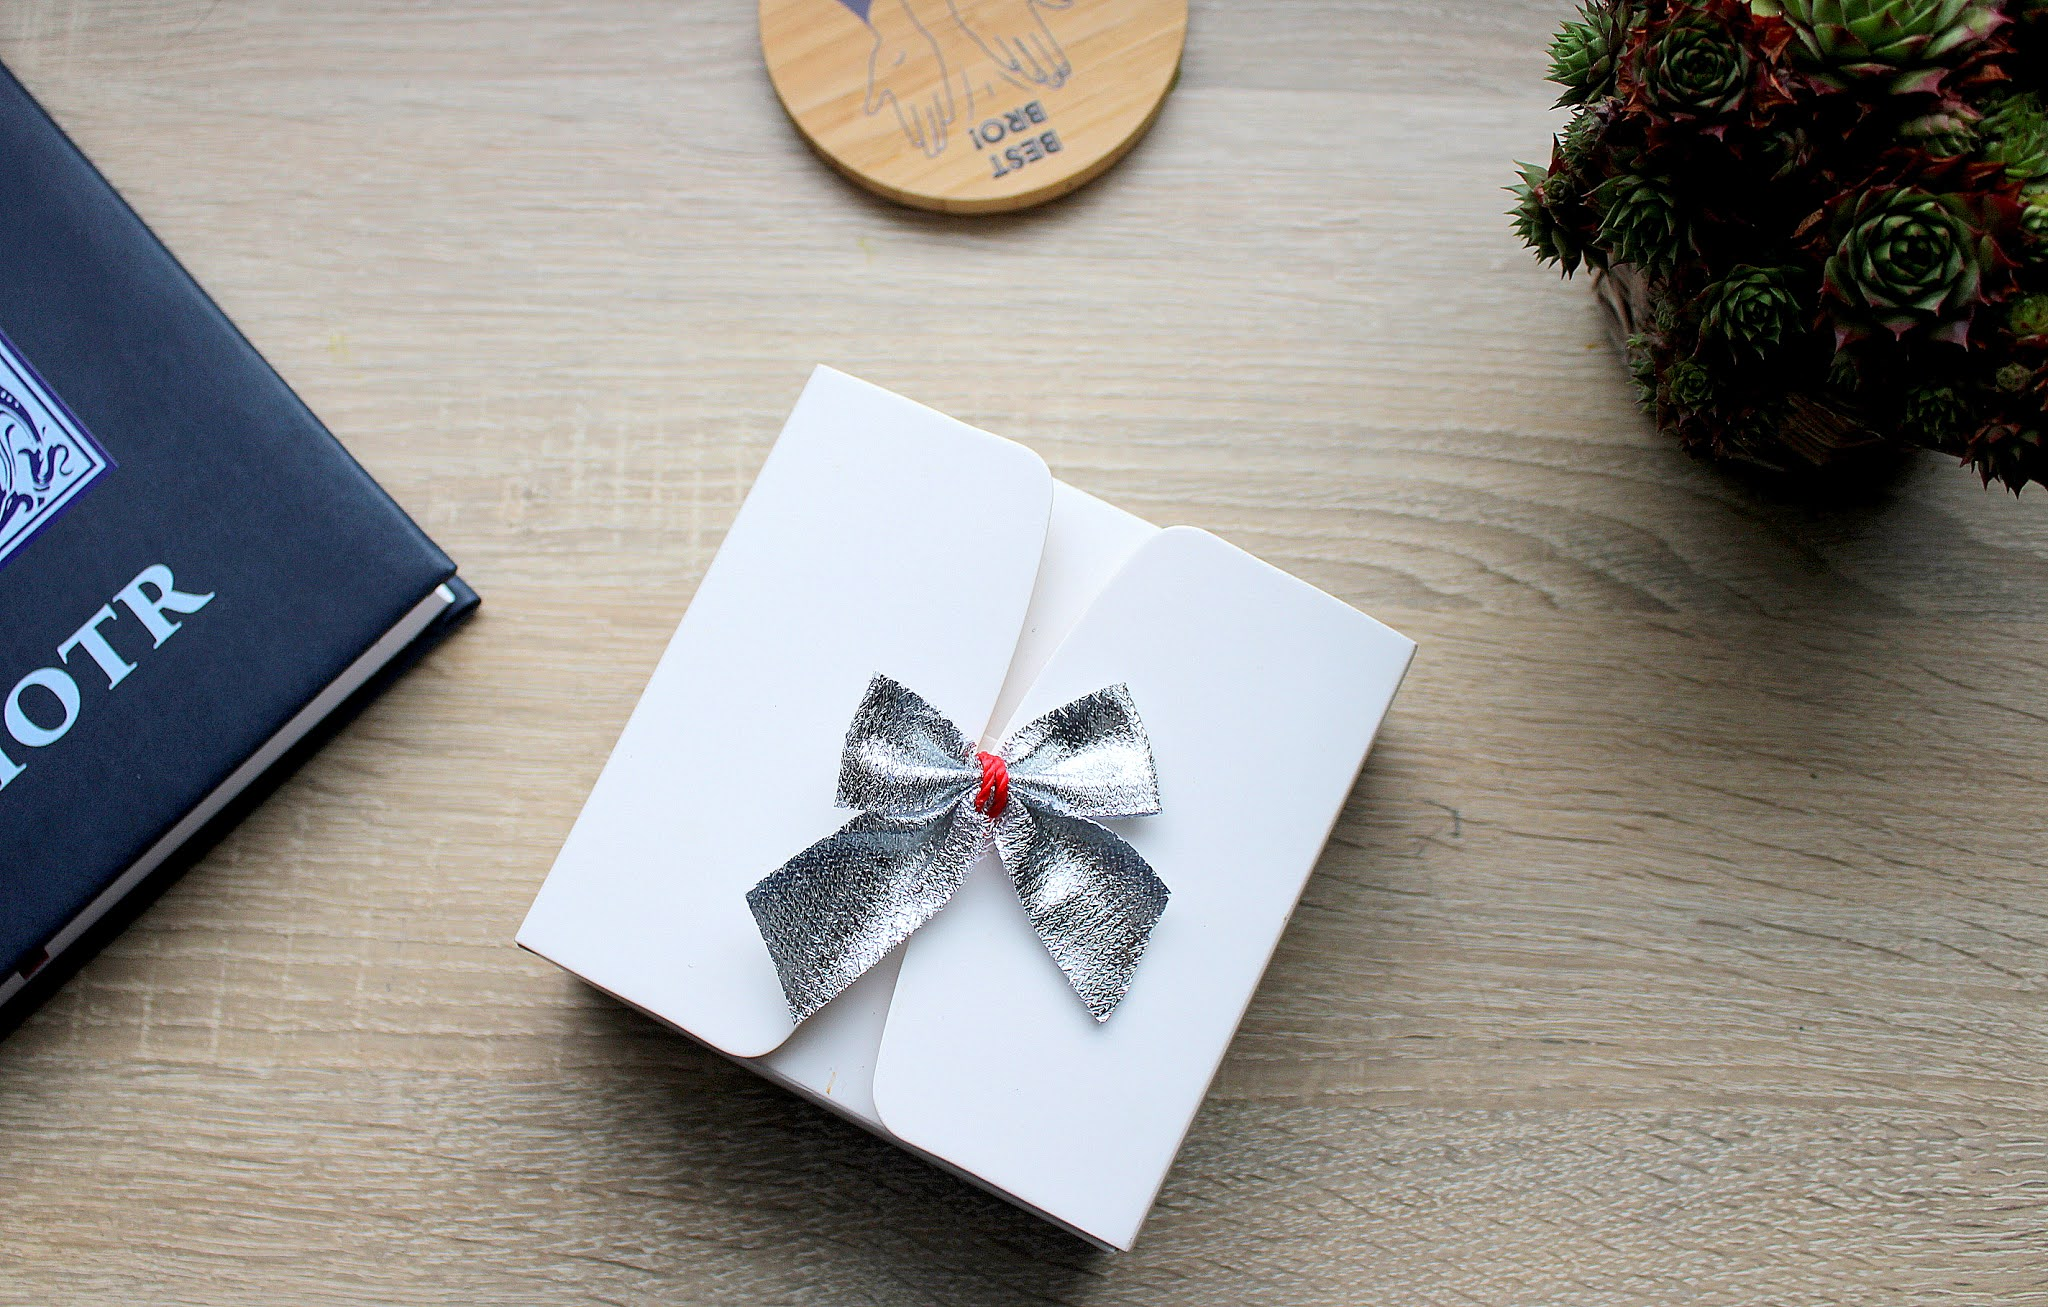 Najlepsze pomysły na prezent dla mężczyzny